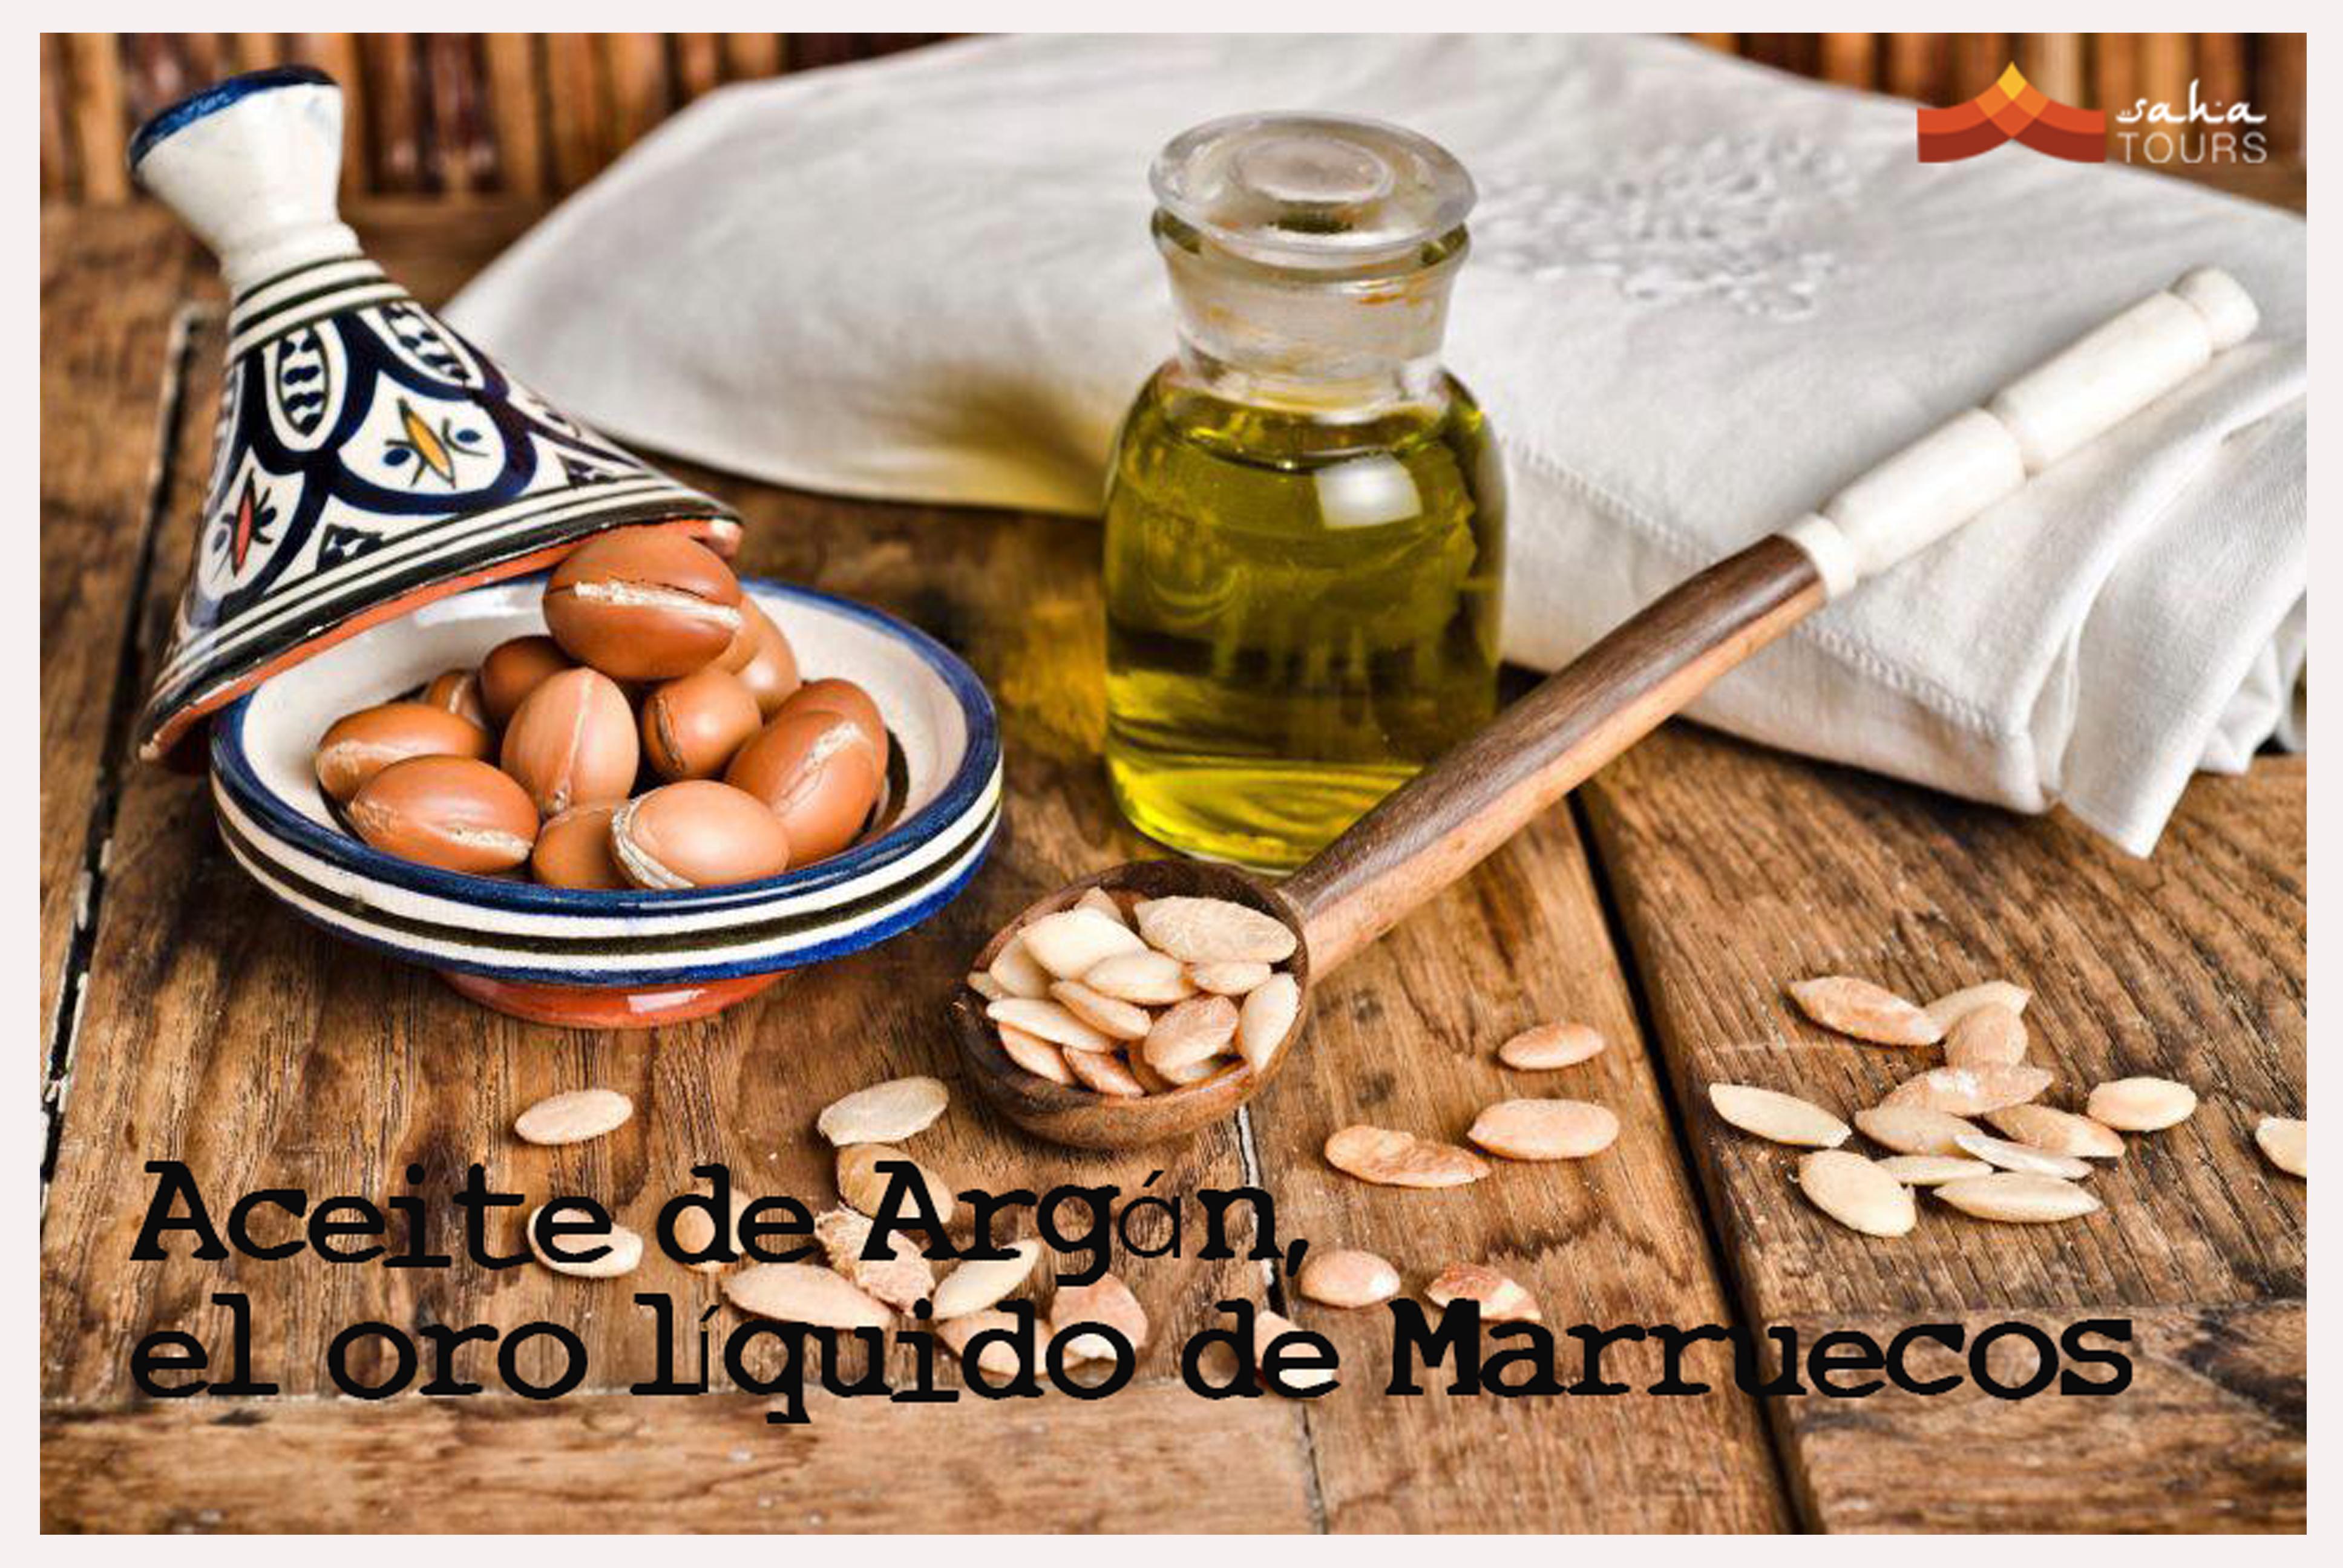 El aceite de Argán: el oro líquido de Marruecos 1